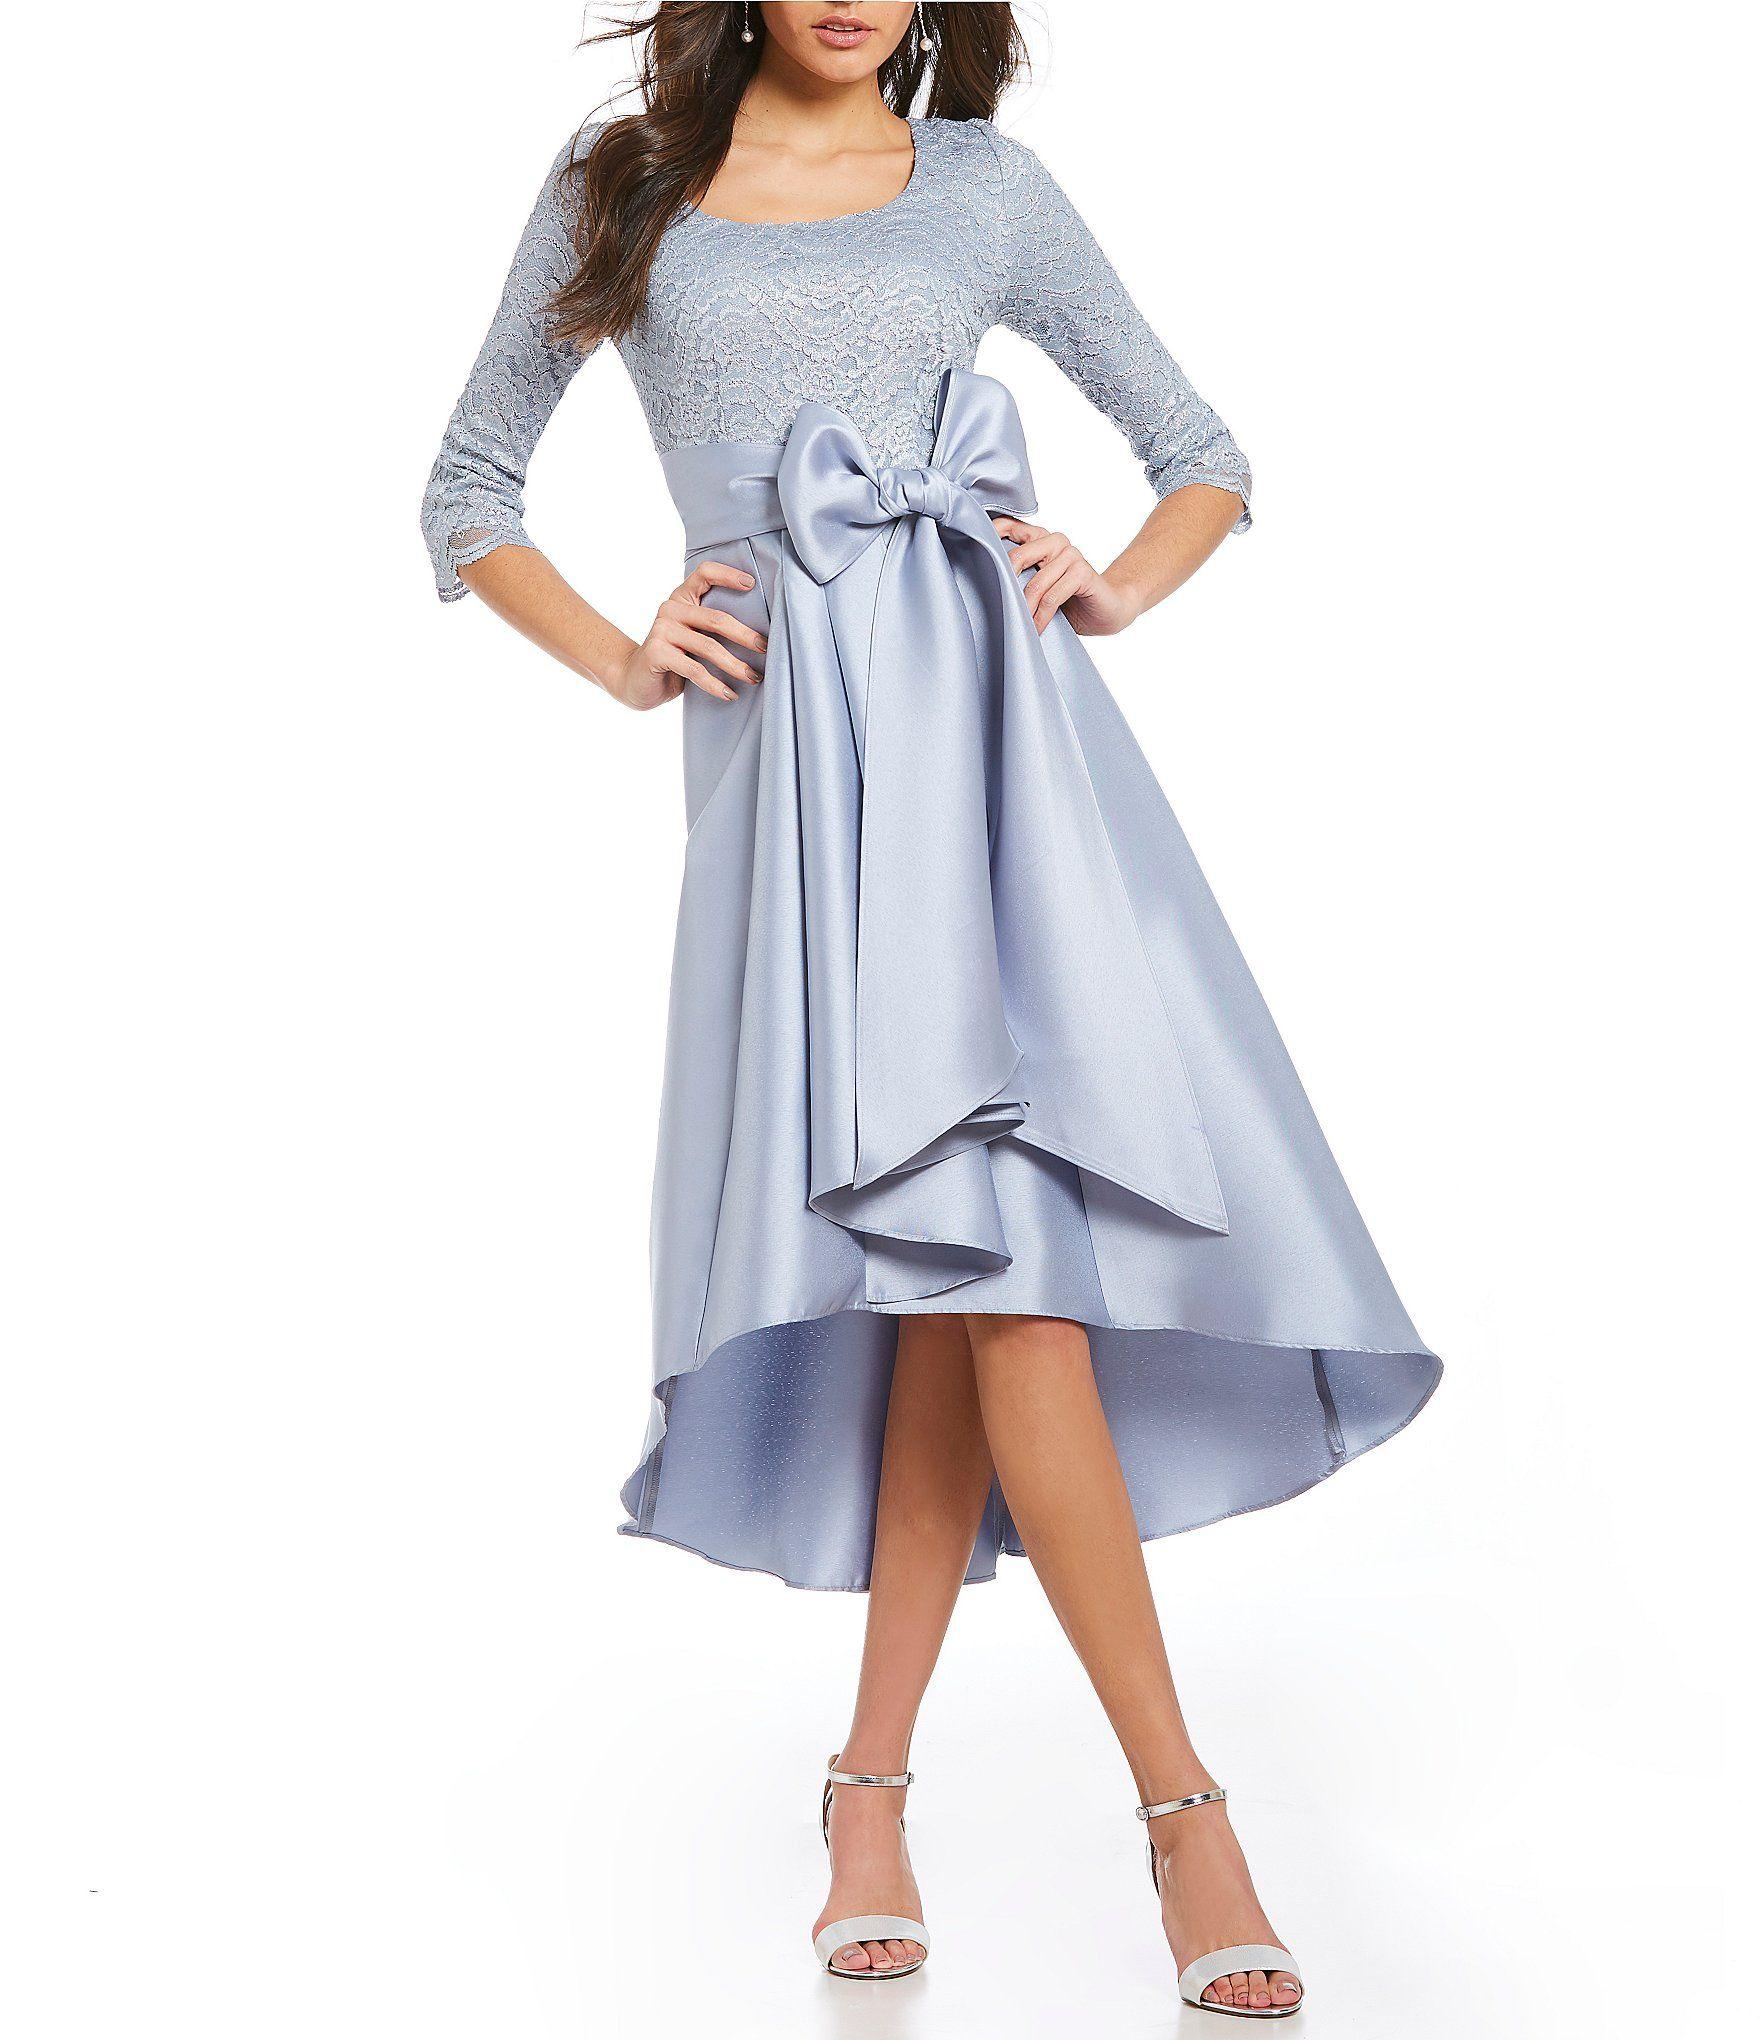 R&M Richards Foil Lace Hi-Low Oversized Bow Taffeta Midi Dress ...